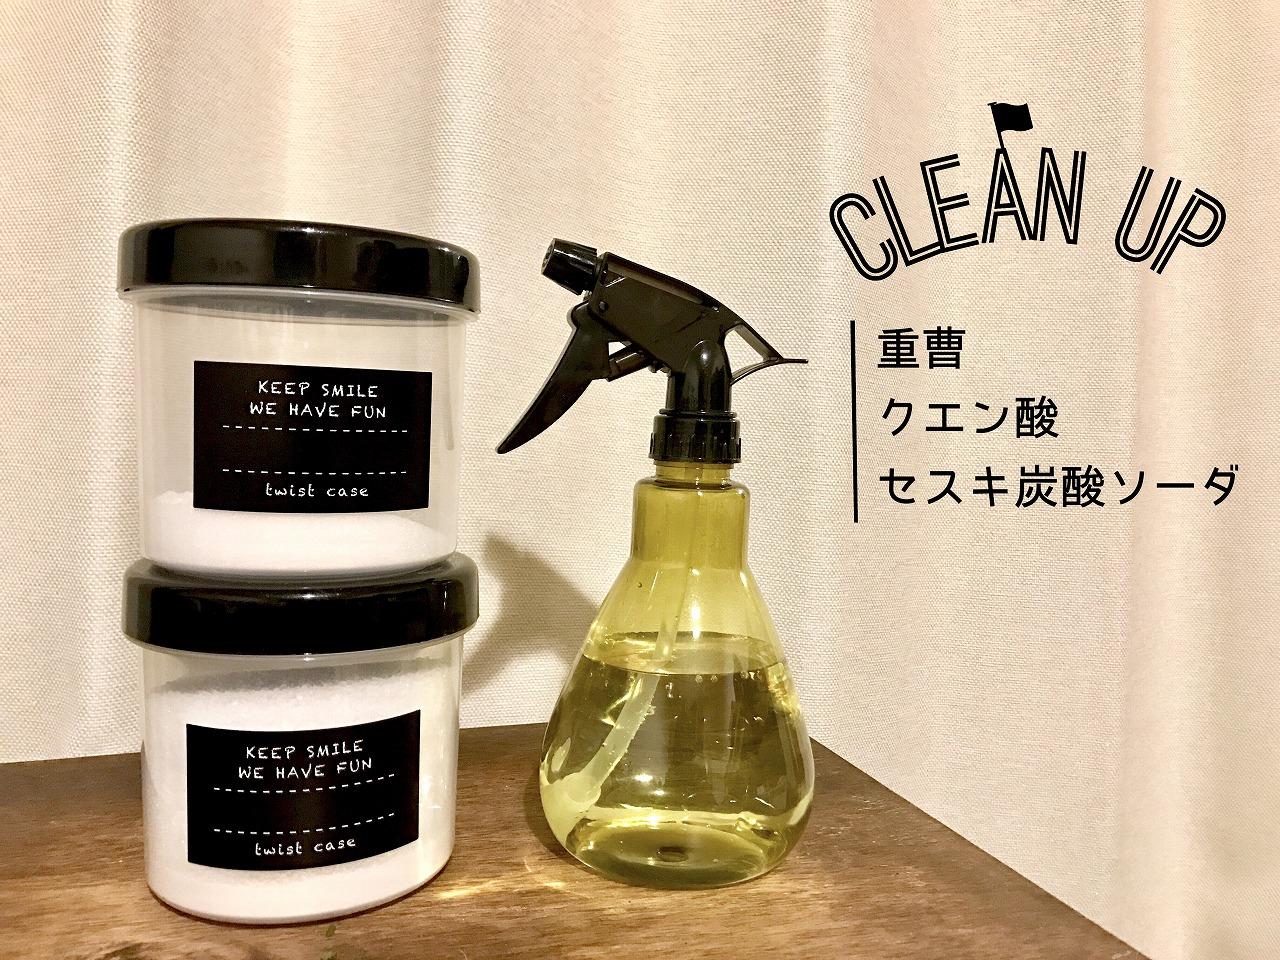 【丁寧な暮らし】重層・クエン酸・セスキ炭酸ソーダを使い分け!